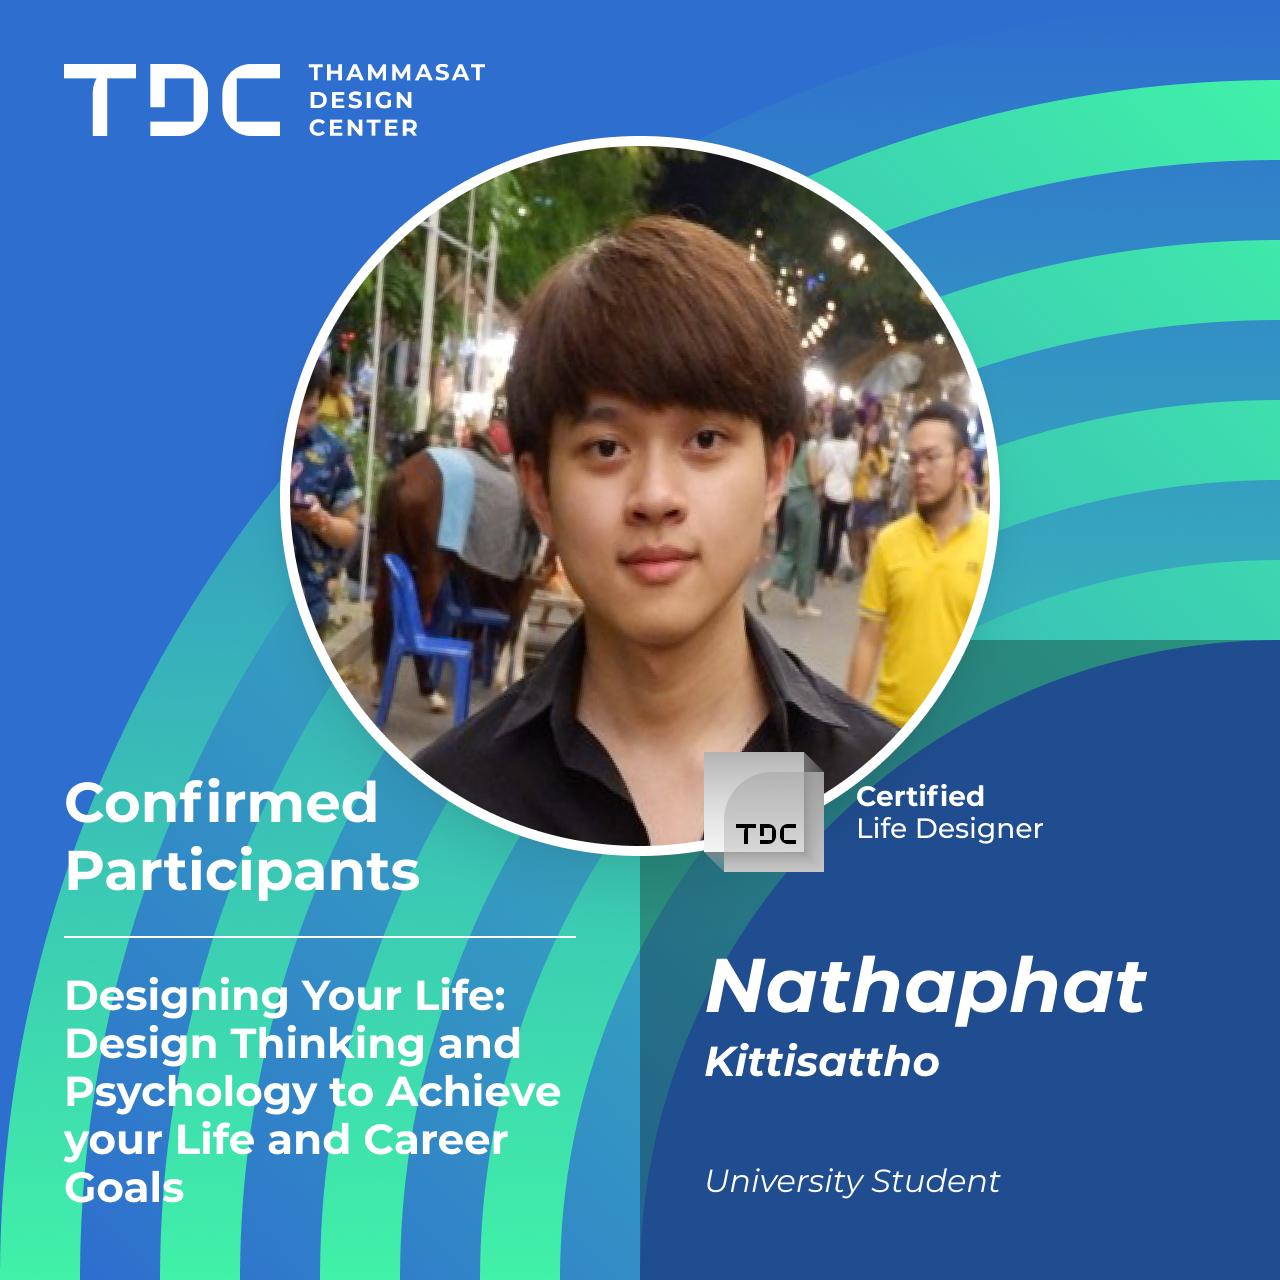 Life Design _ Confirmed Participants – 8